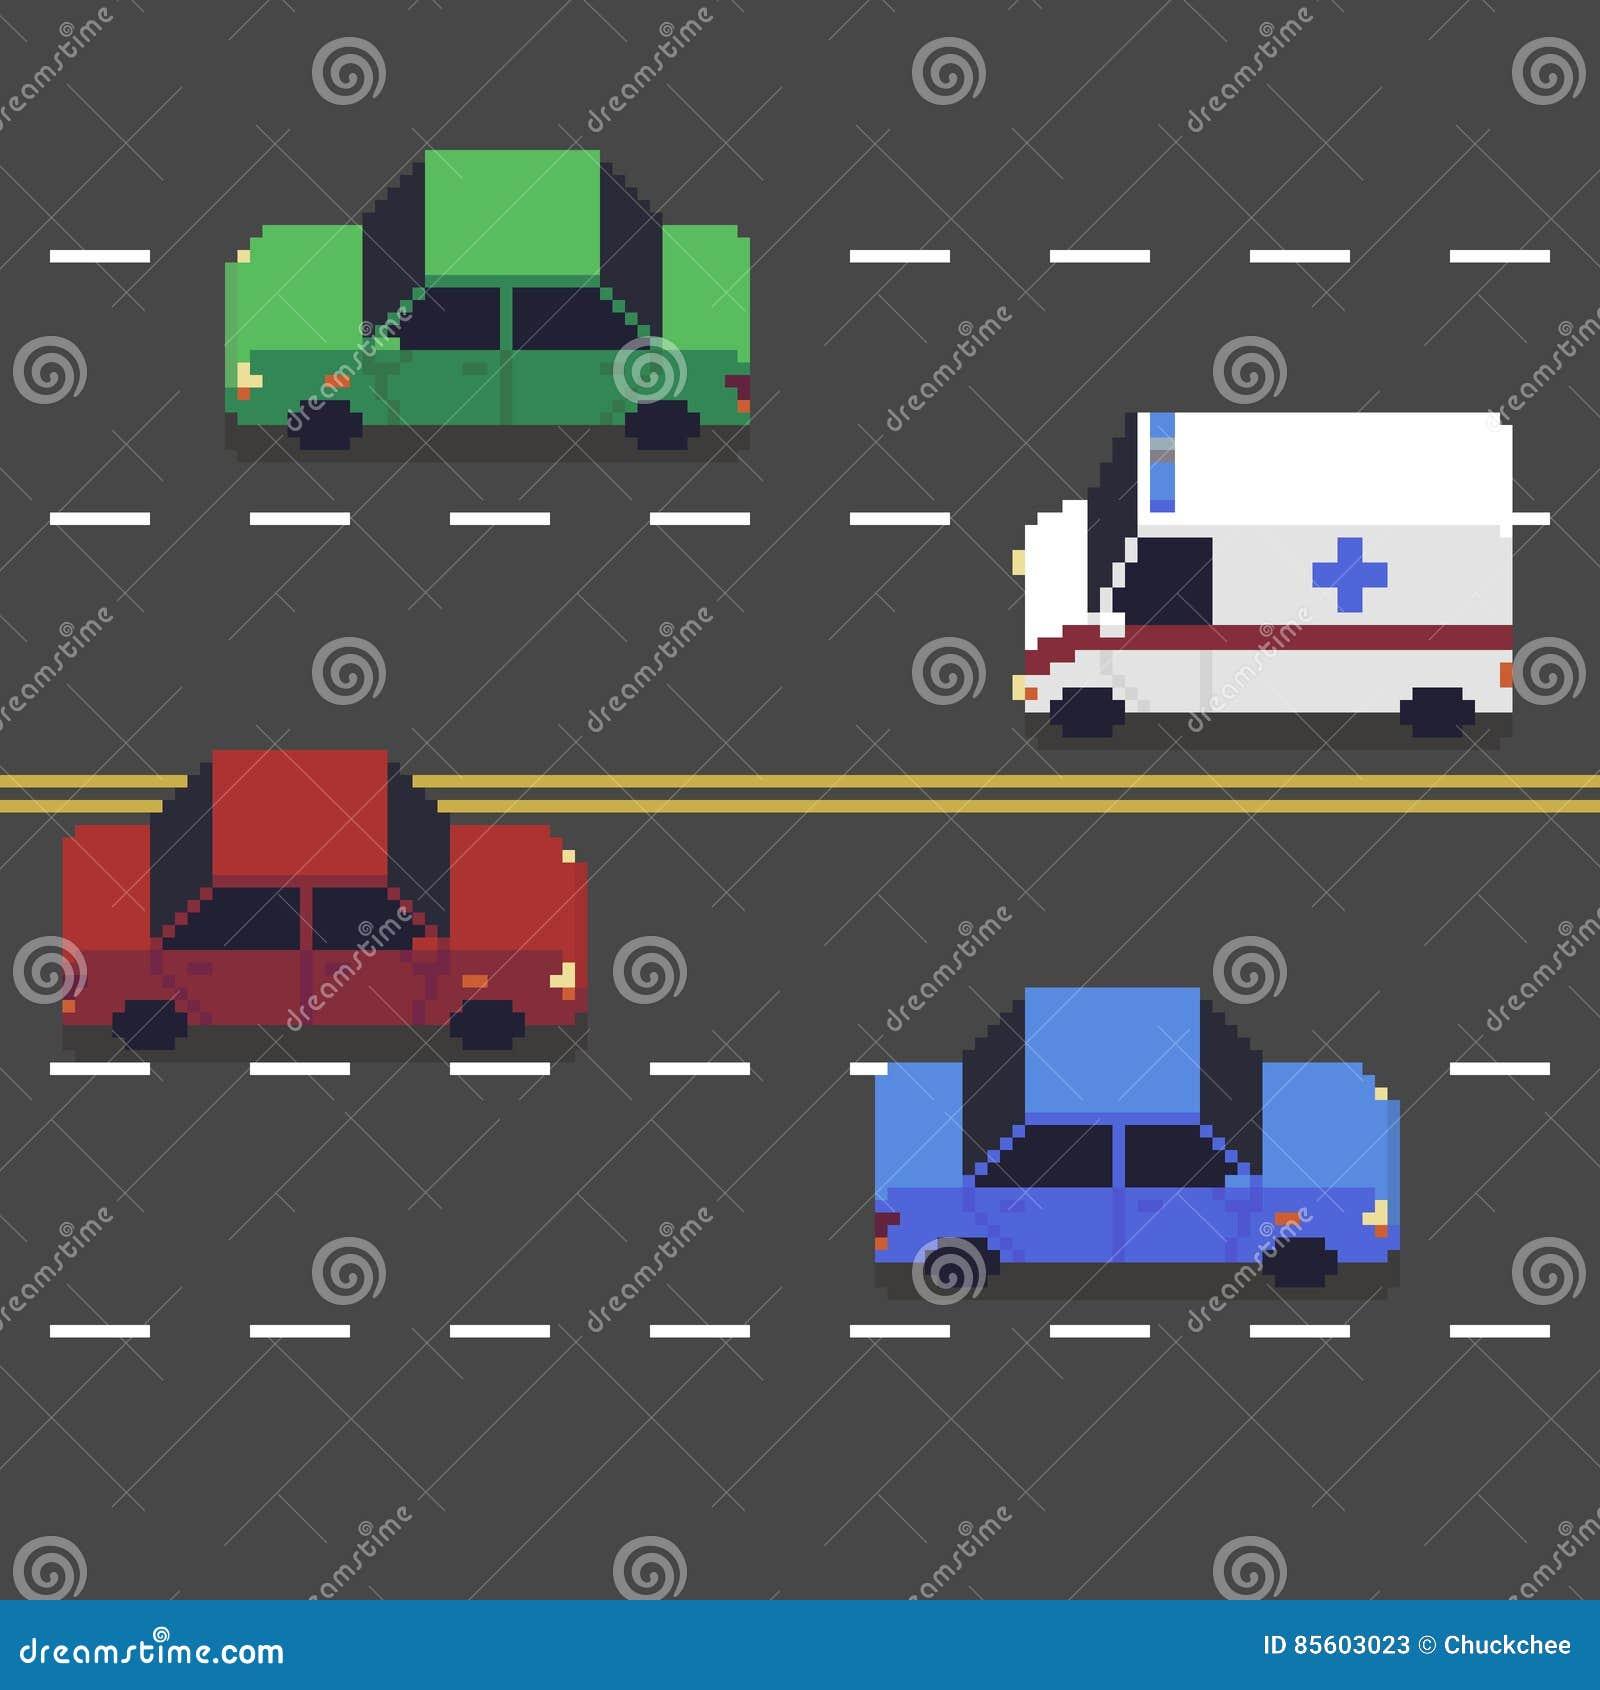 Pixel Art Road